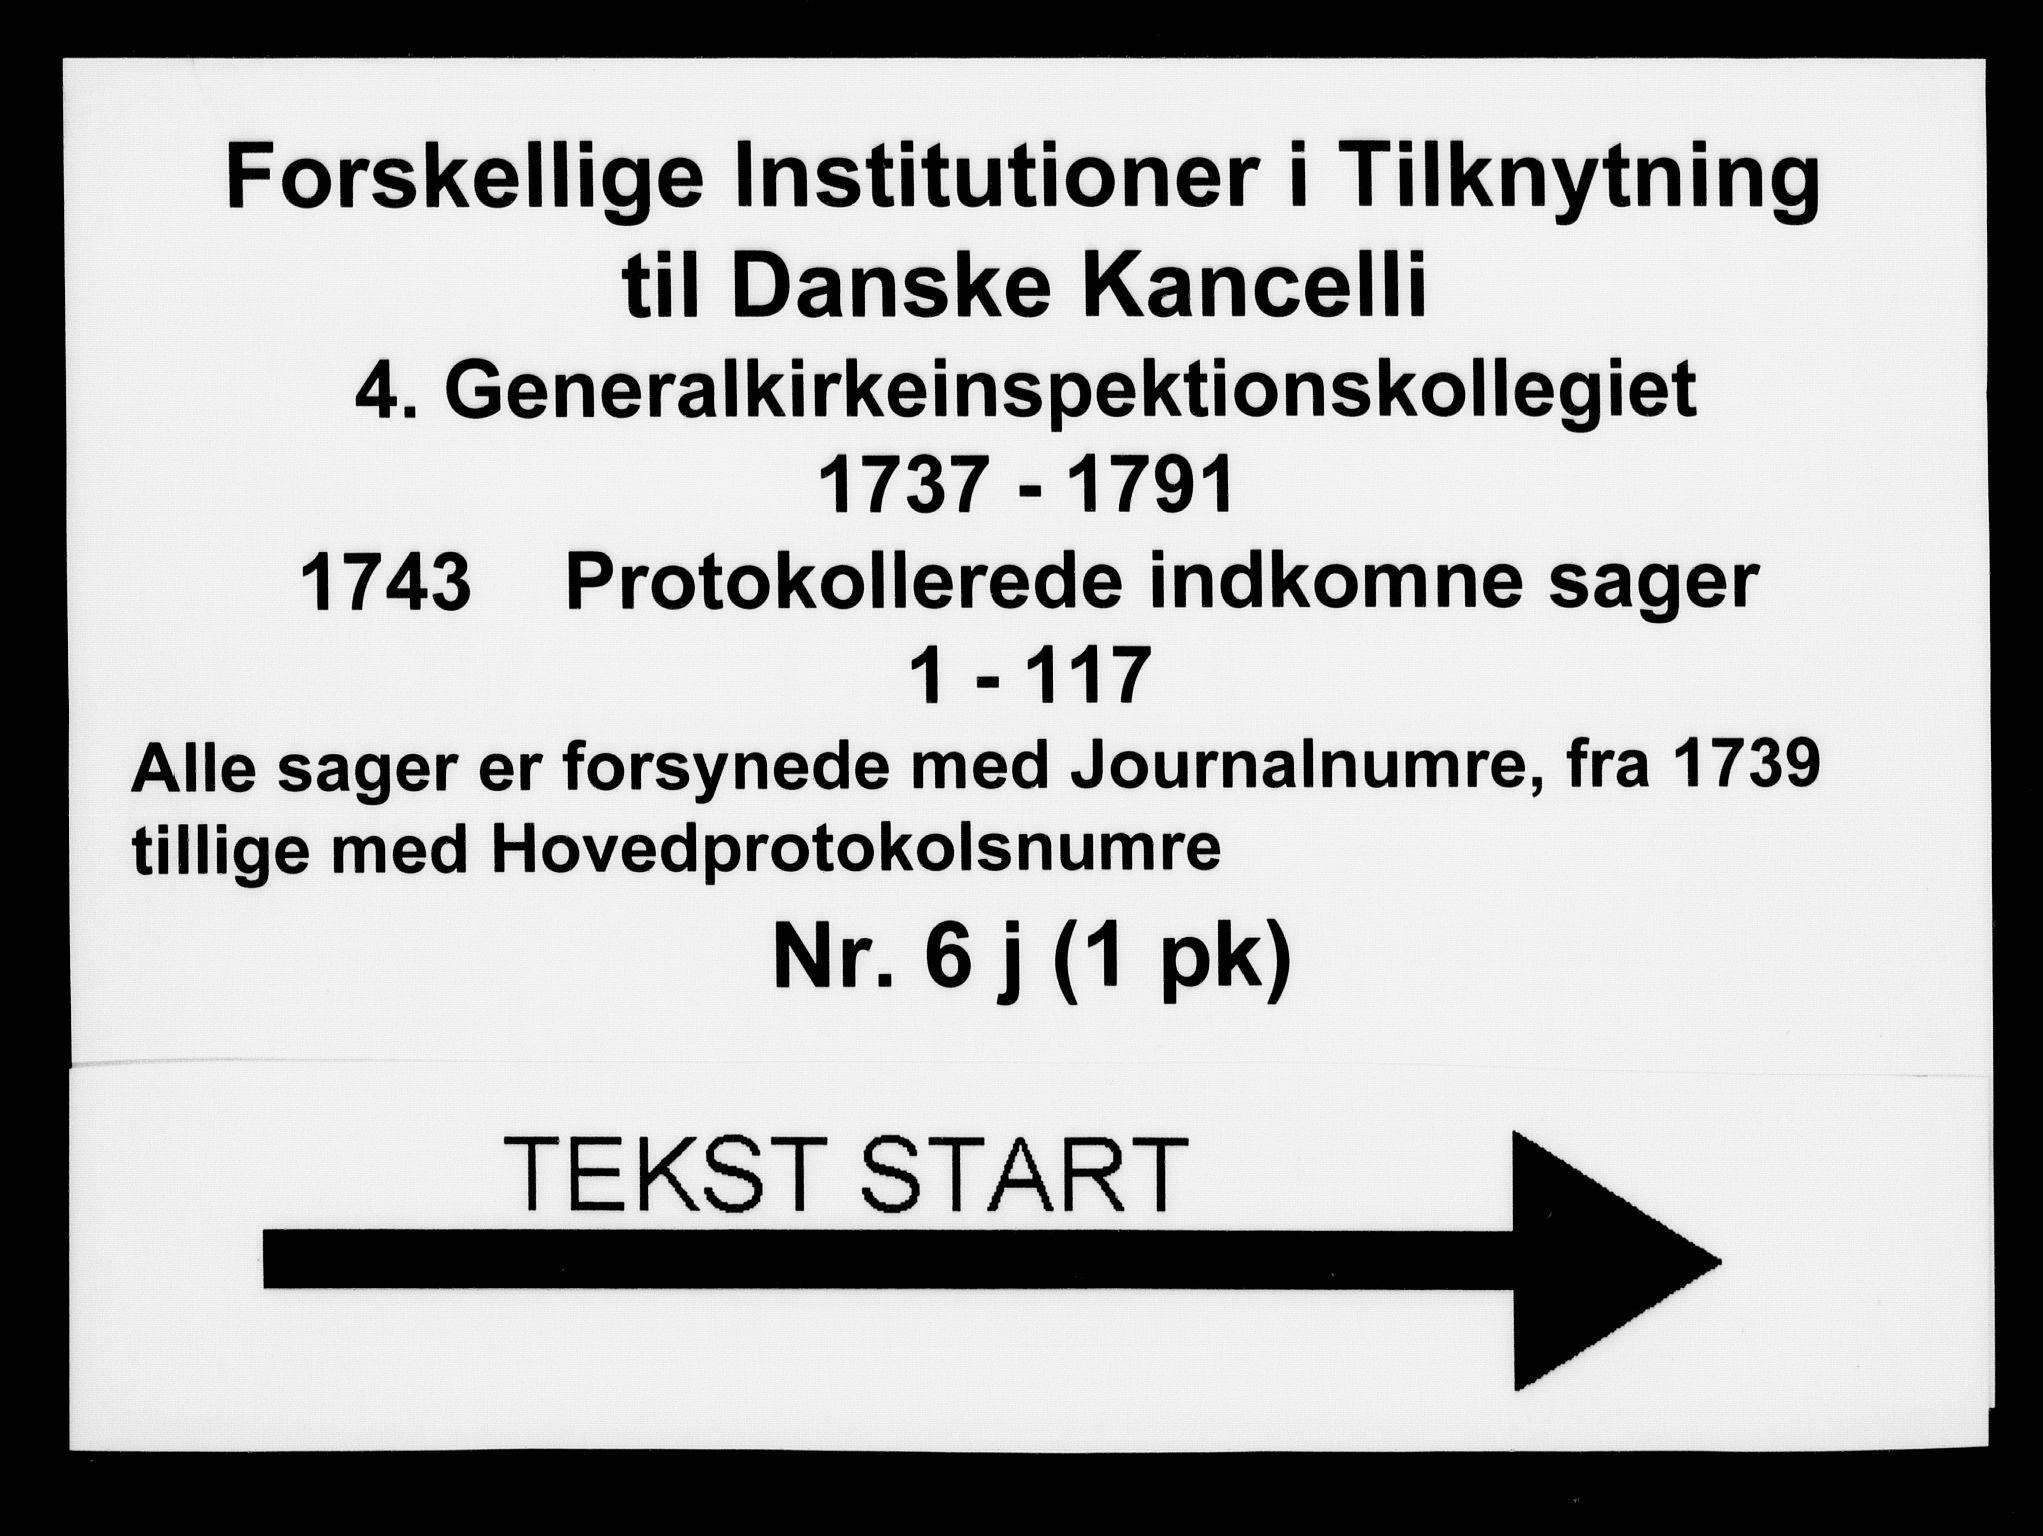 DRA, Generalkirkeinspektionskollegiet, F4-06/F4-06-10: Protokollerede indkomne sager, 1743